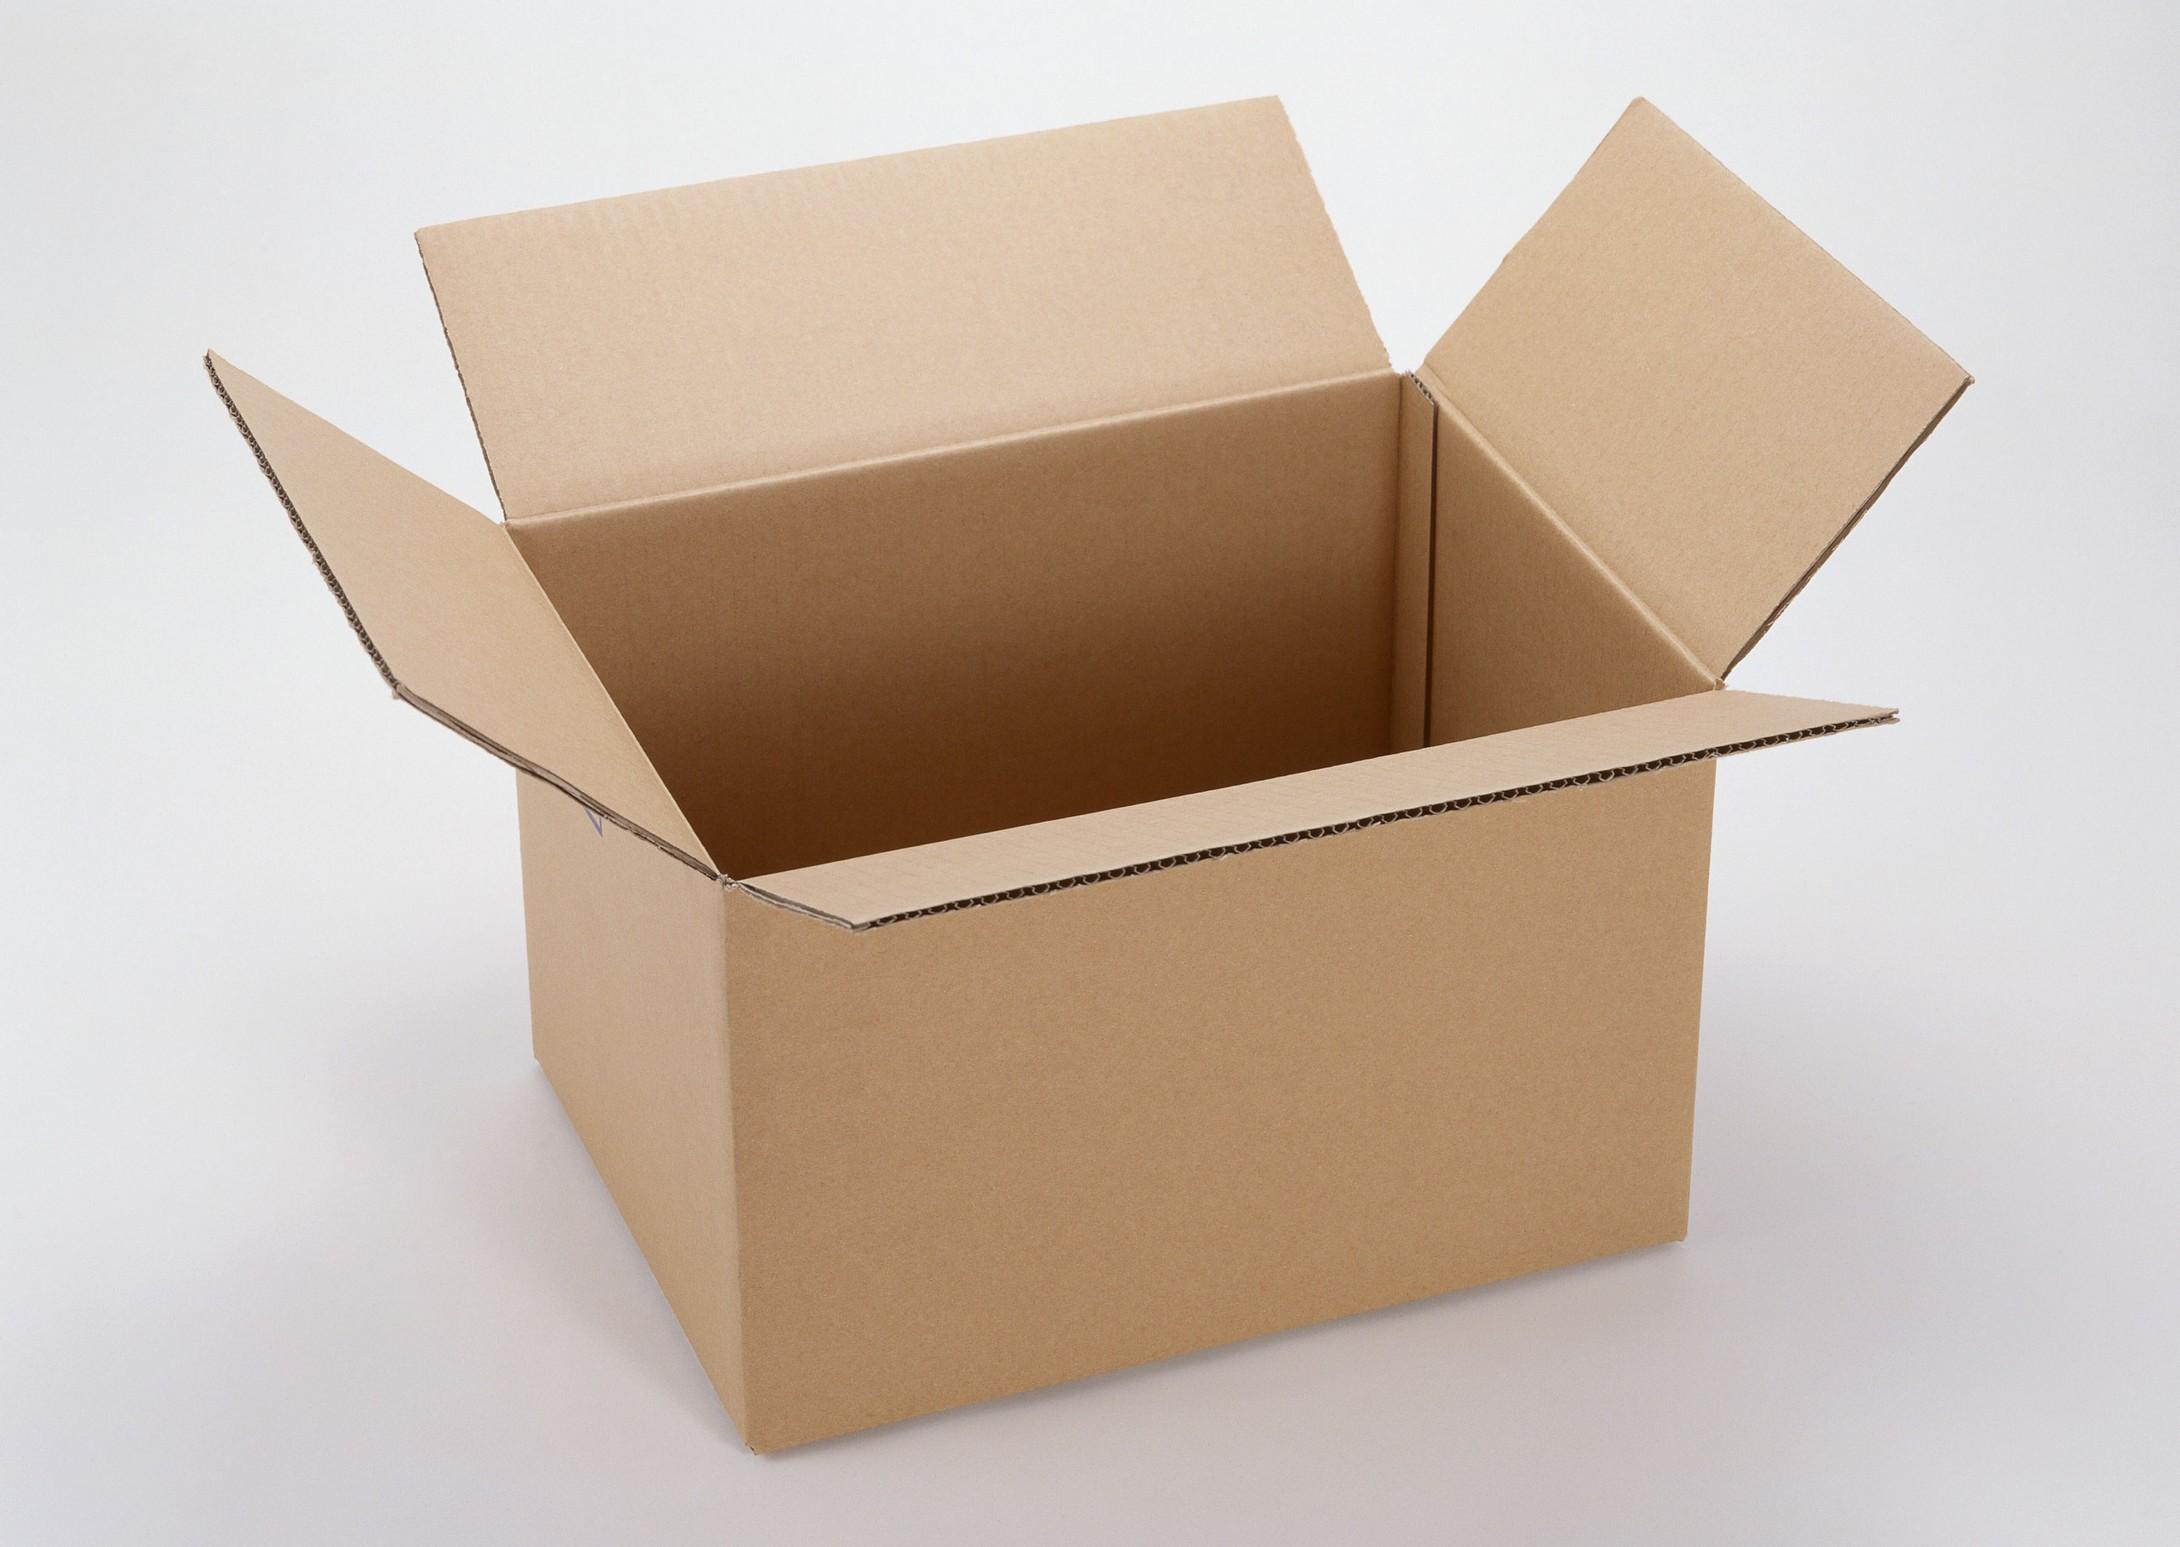 哈尔滨哪家纸箱厂便宜_如何通过温度控制提高生产瓦楞纸板的质量